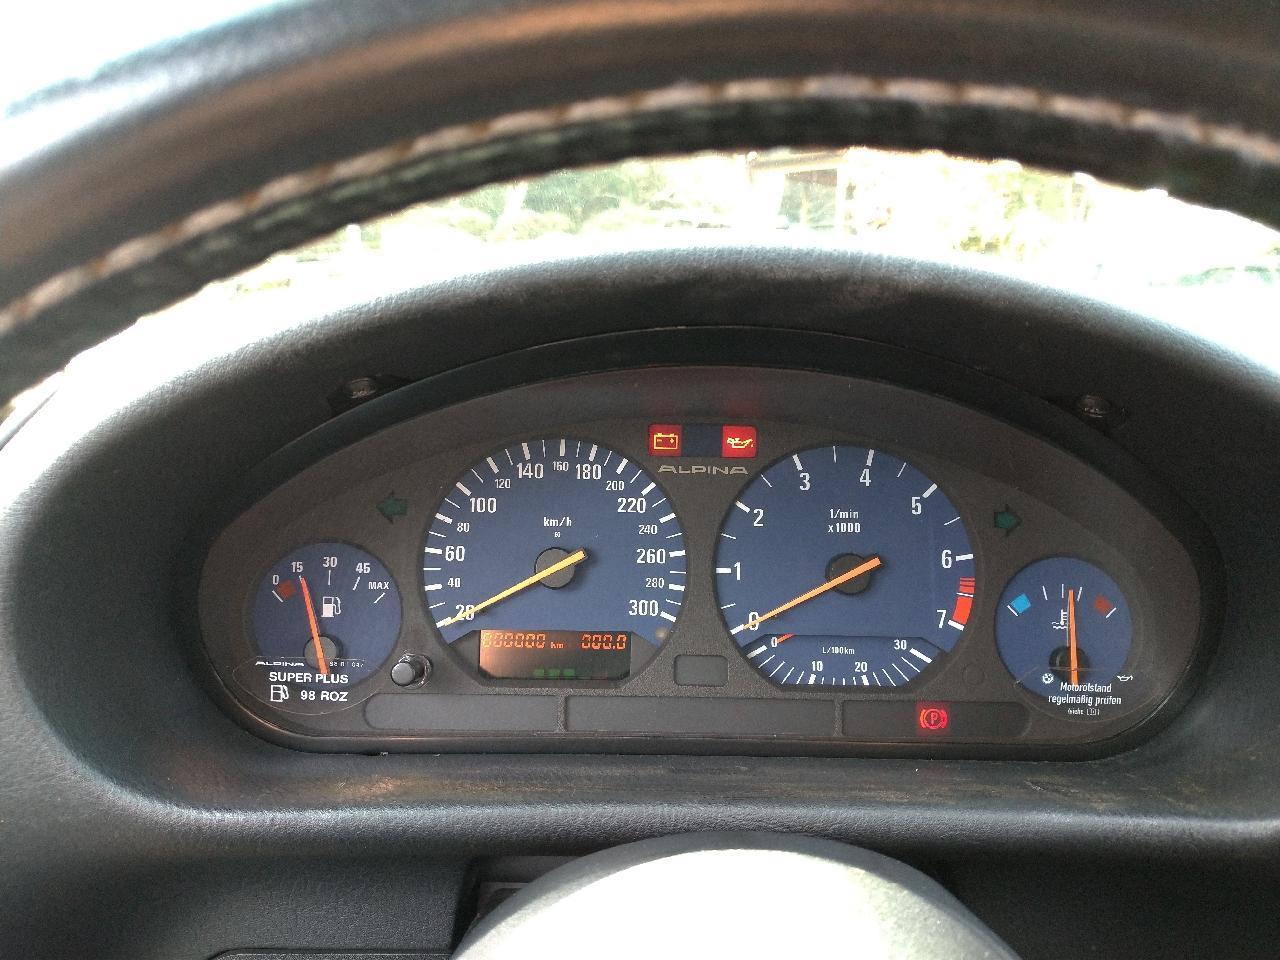 BMWアルピナ(純正) E36 3シリーズ用 300kmスケールスピードメーター